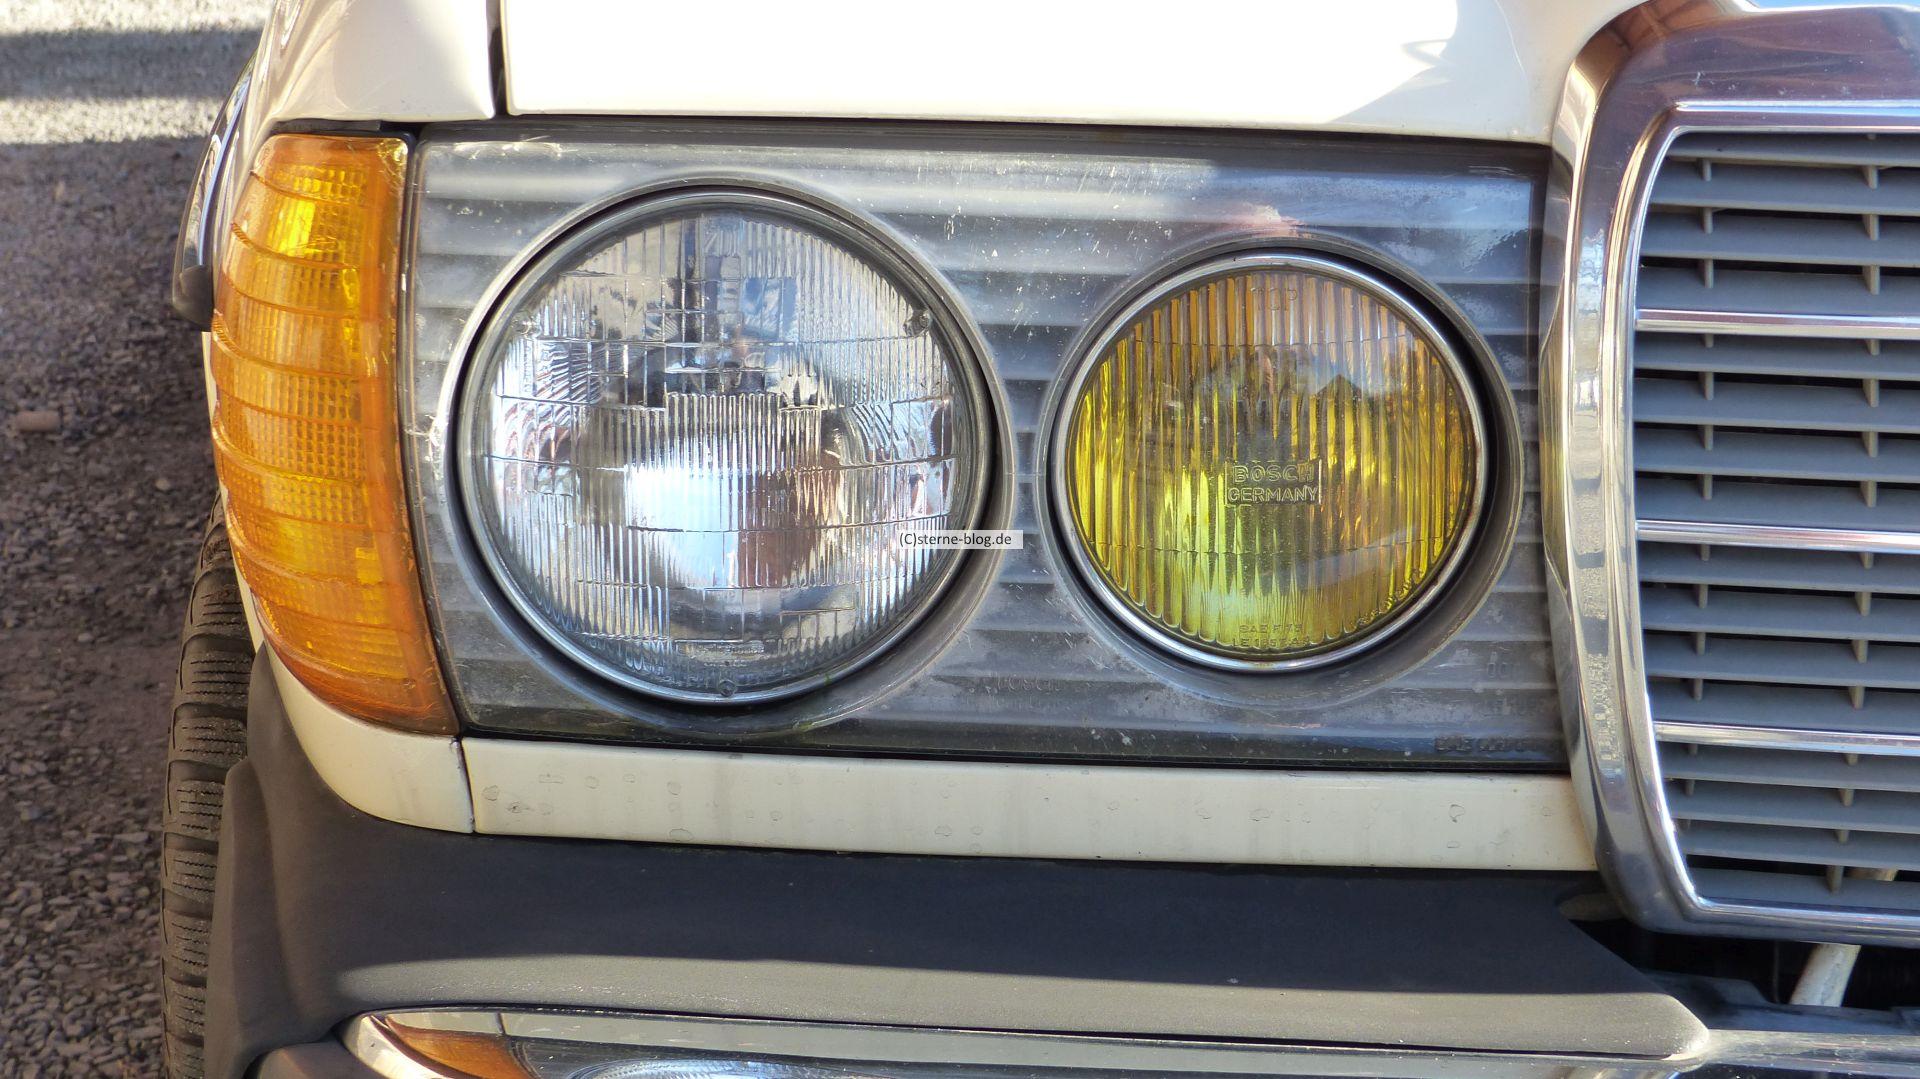 Mercedes S123 300 TDT Turbodiesel mit den typischen US Scheinwerfen